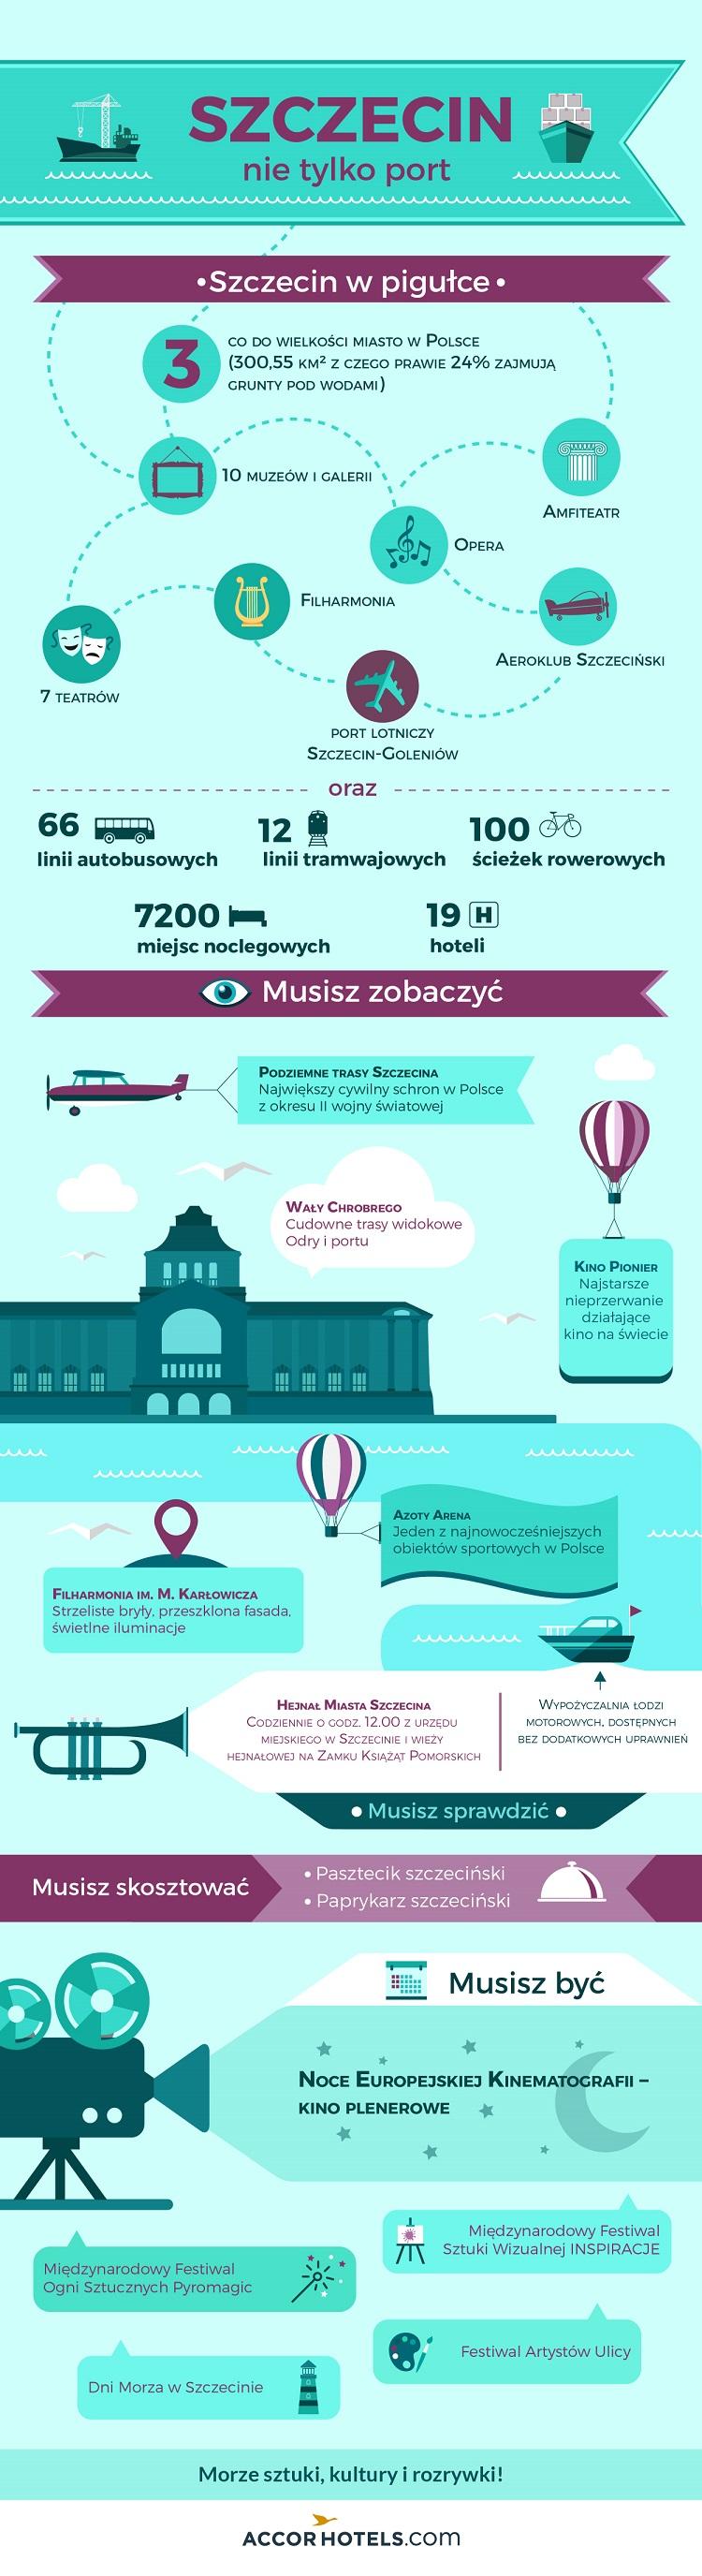 Odkryj uroki Szczecina! Wybierz hotel i ciesz się urokami pięknego miasta